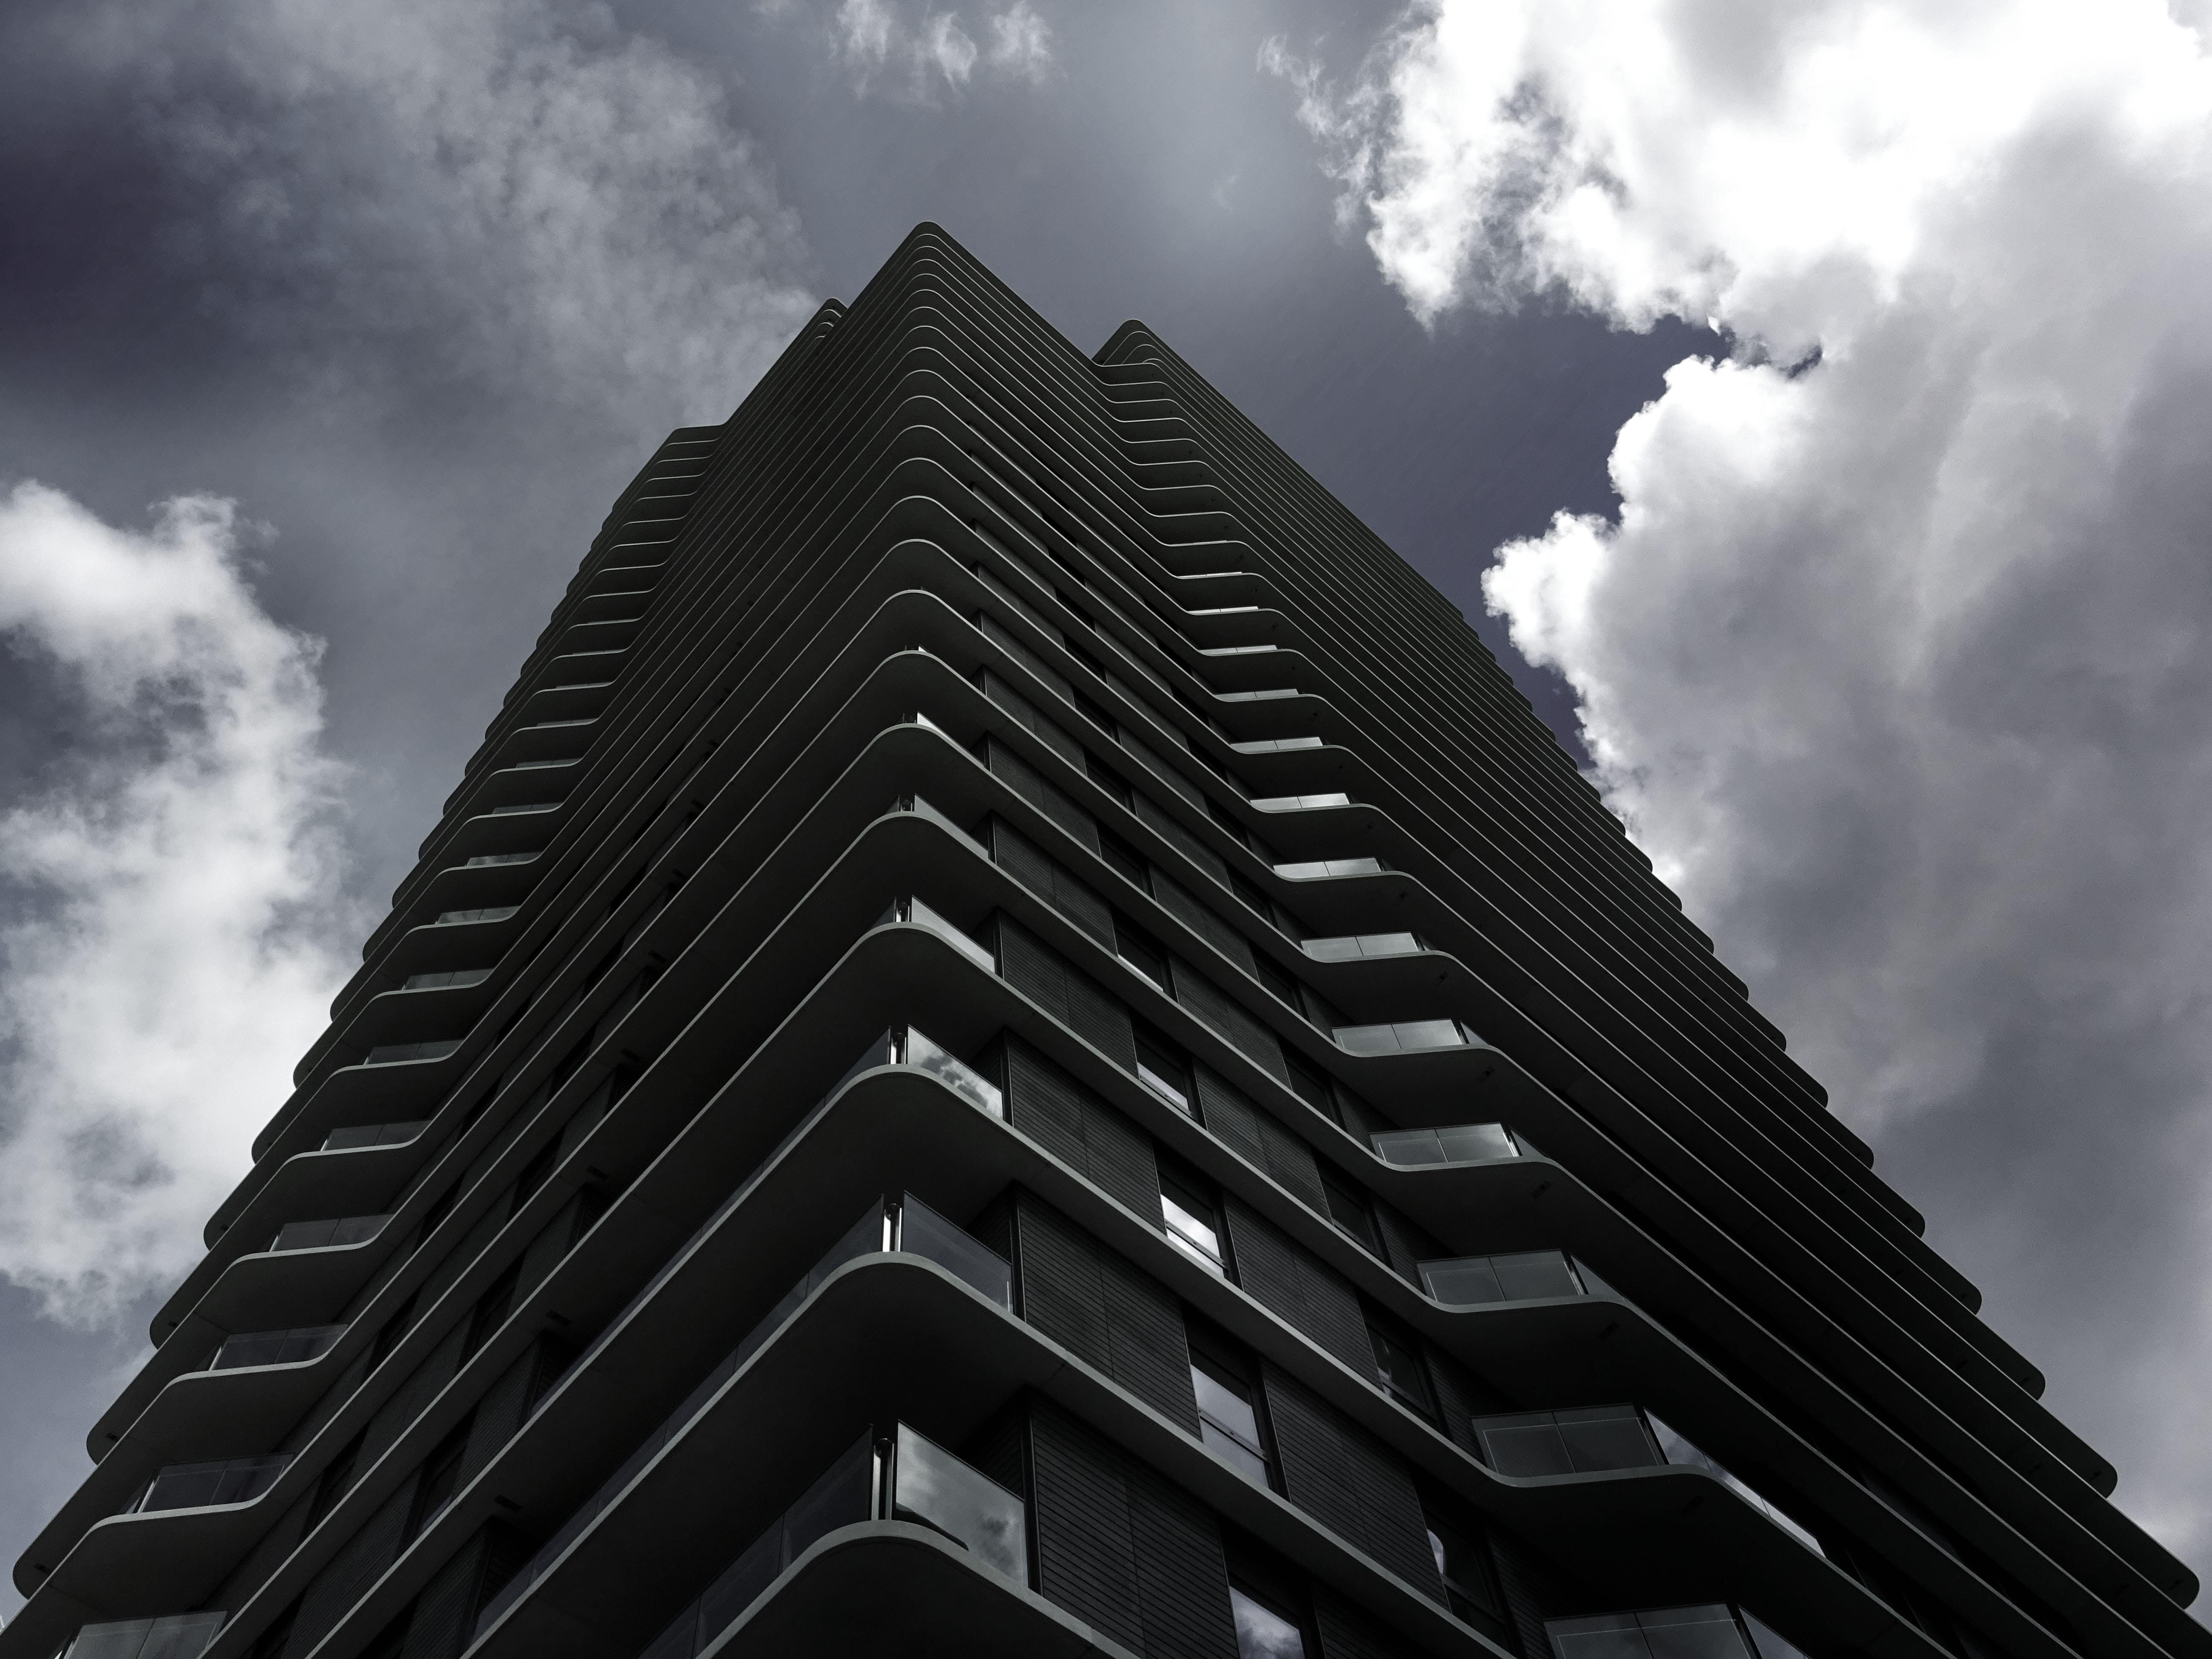 低角度拍攝, 塔, 外觀, 天空 的 免費圖庫相片